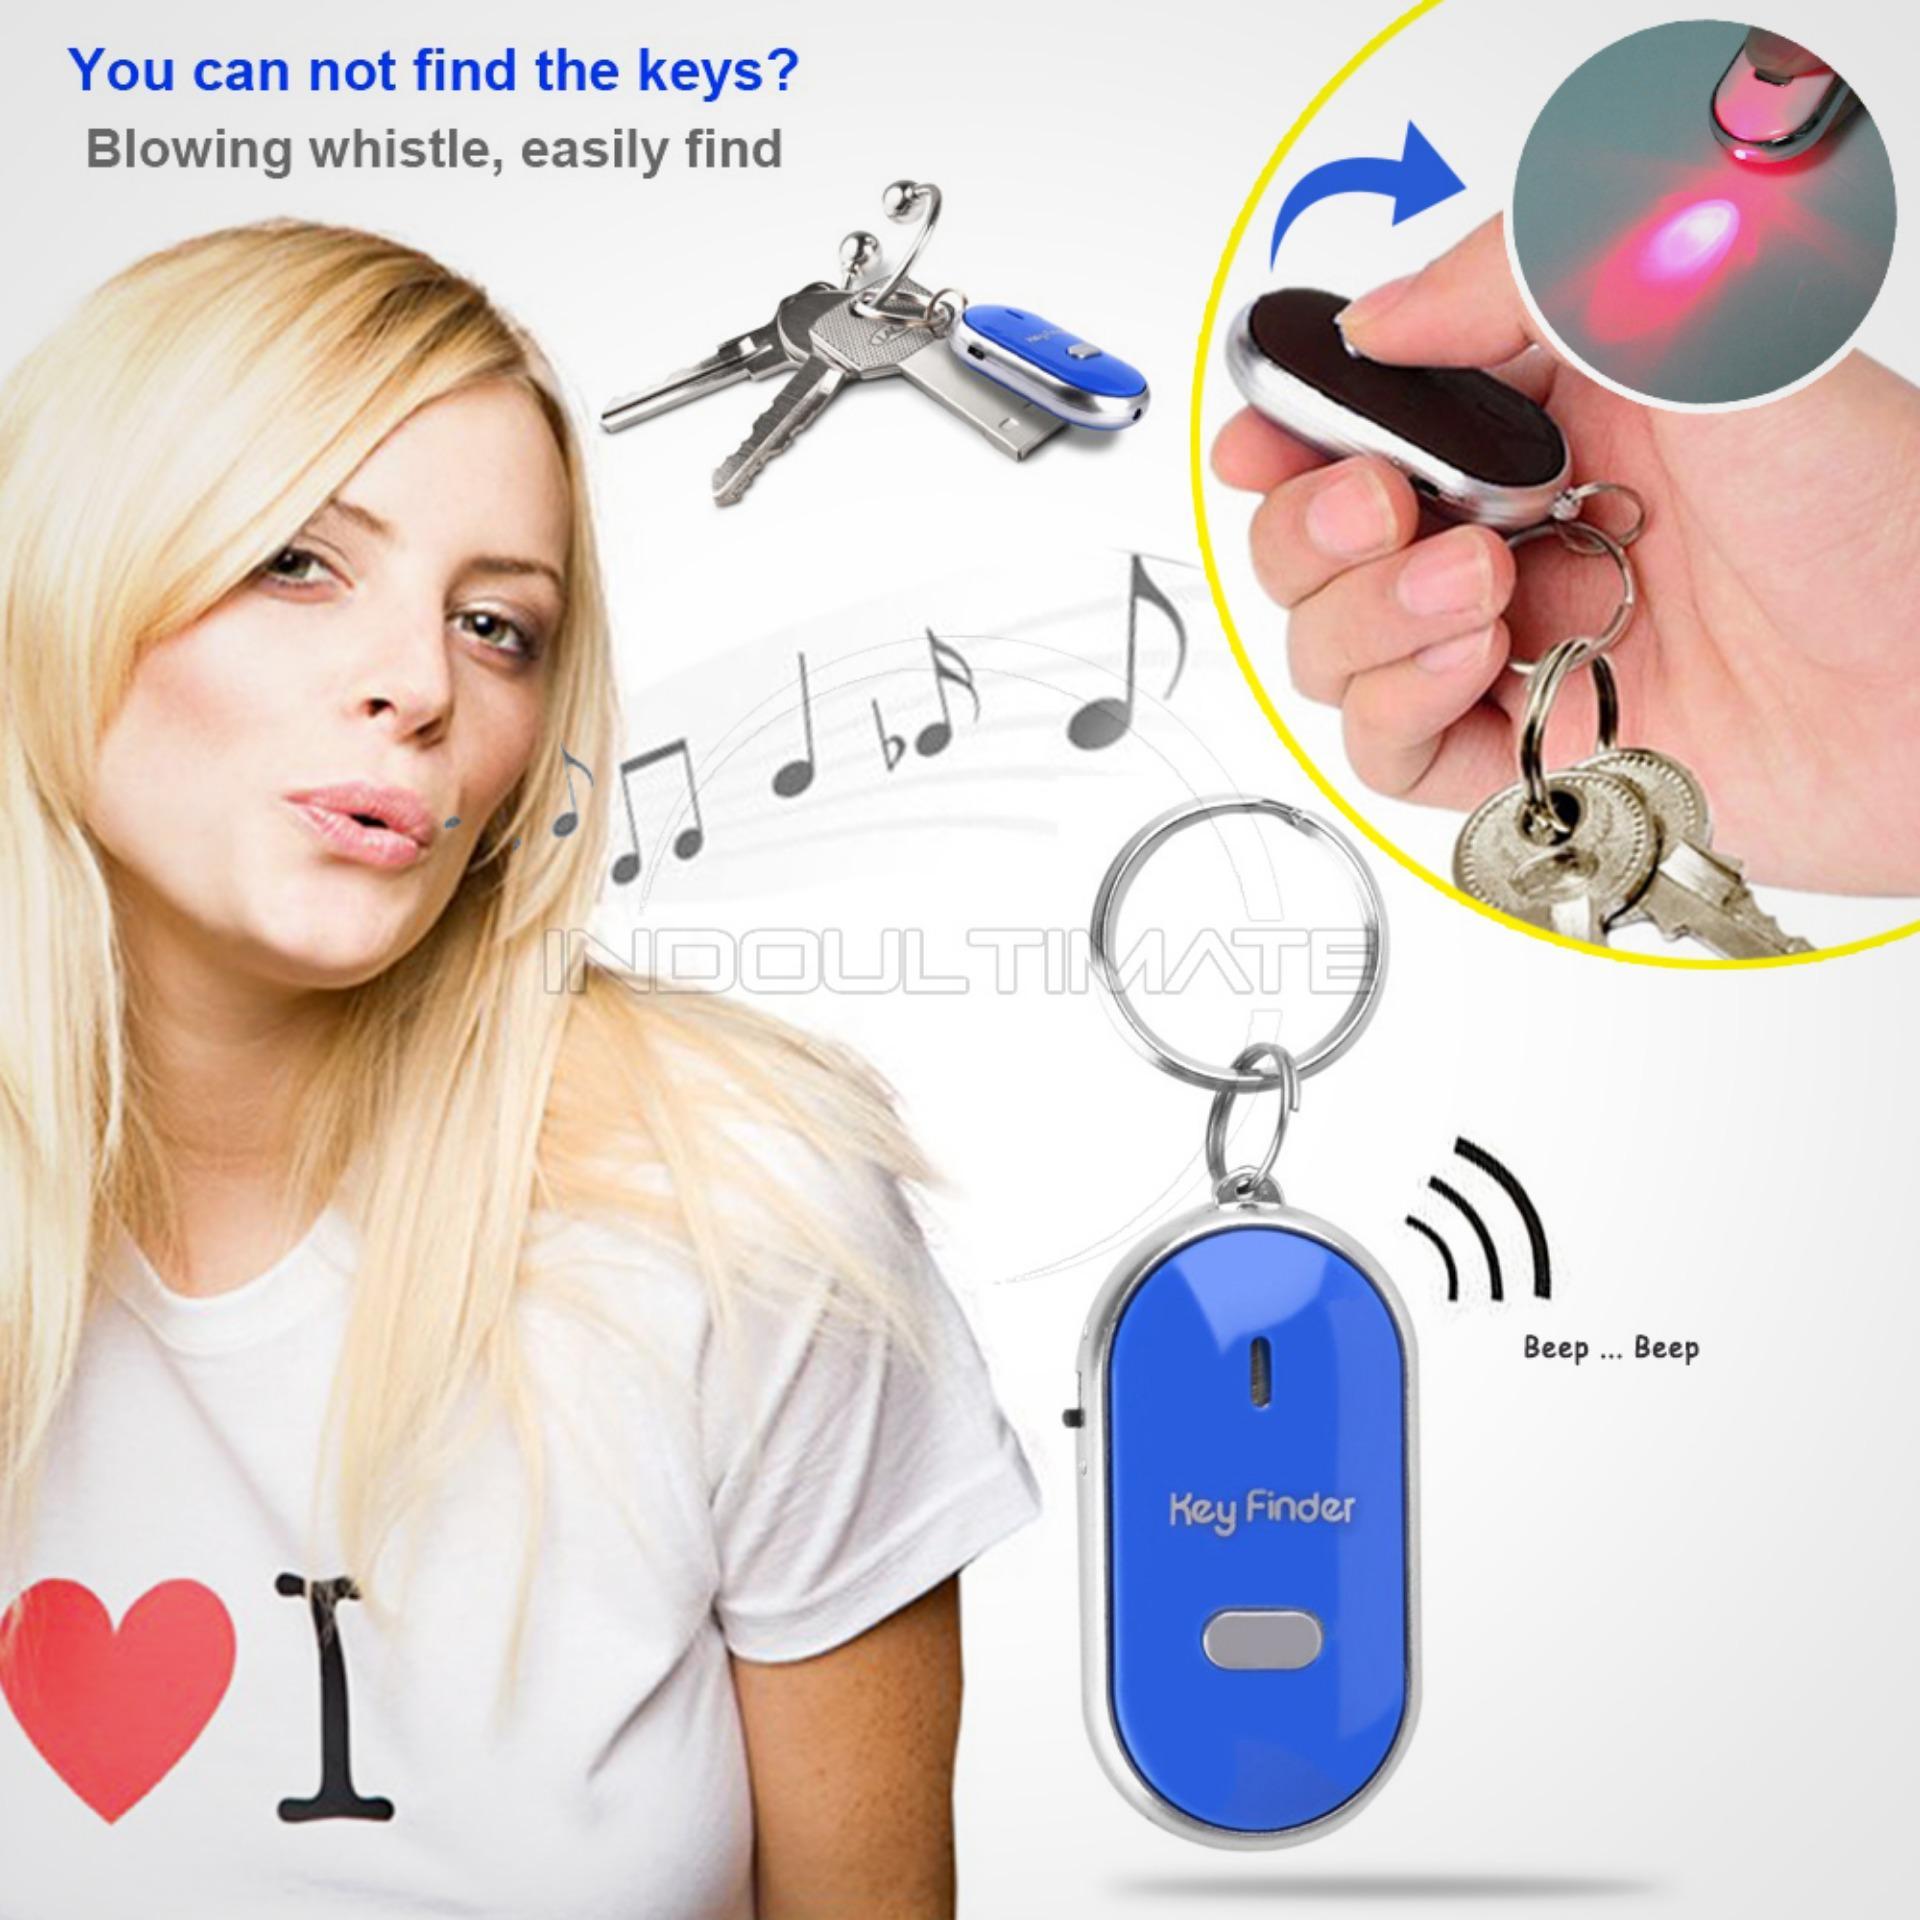 Jual Gantungan Kunci Led Murah Garansi Dan Berkualitas Id Store Siul Anti Hilang Lupa Key Finder Whistle Keychain Dengan Lampu Senter Rp 14833 Ultimate